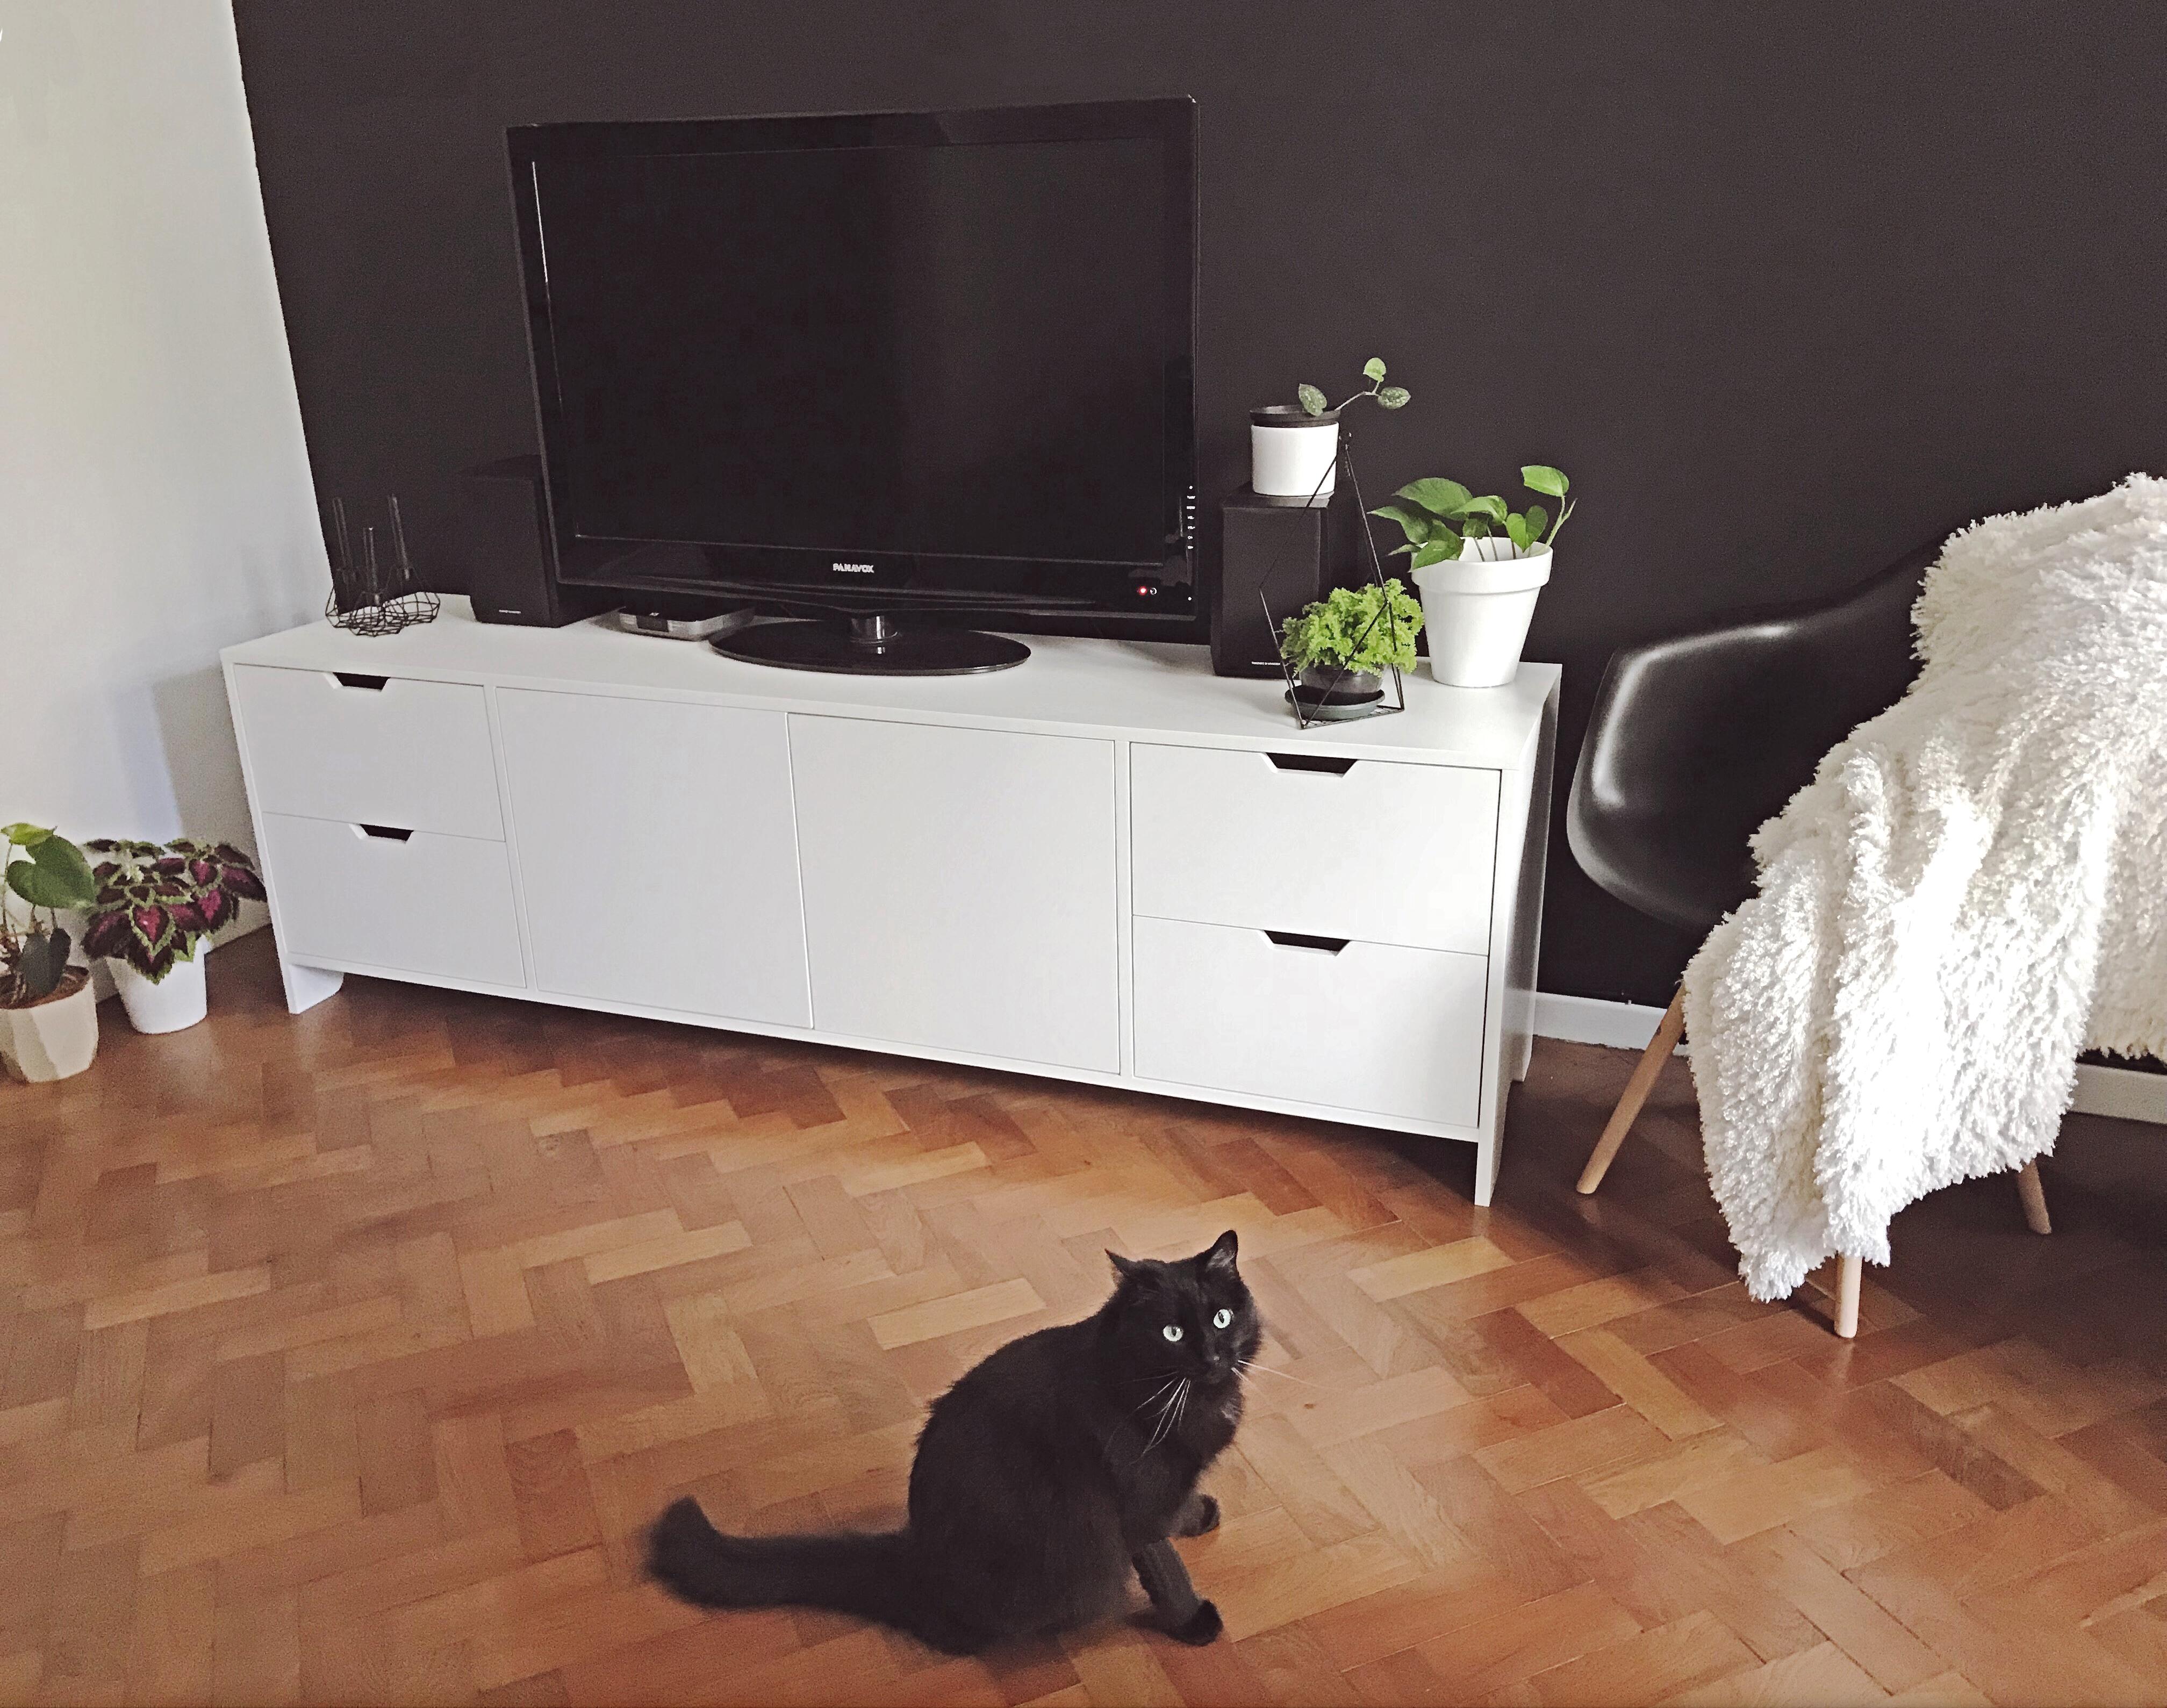 estilo_nordico_escandinavo_mod_muebles_1